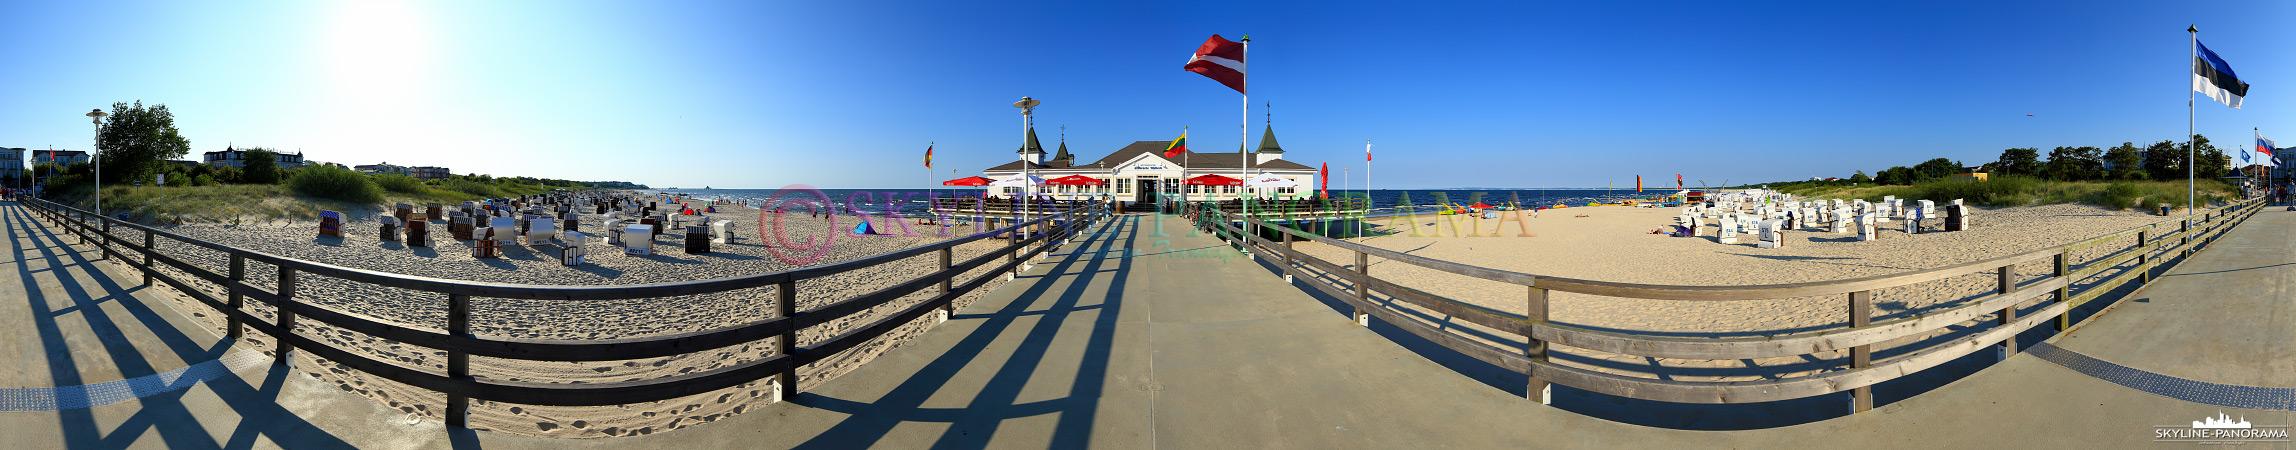 Insel Usedom - 360 Grad Strandpanorama mit der historischen Seebrücke von Ahlbeck.